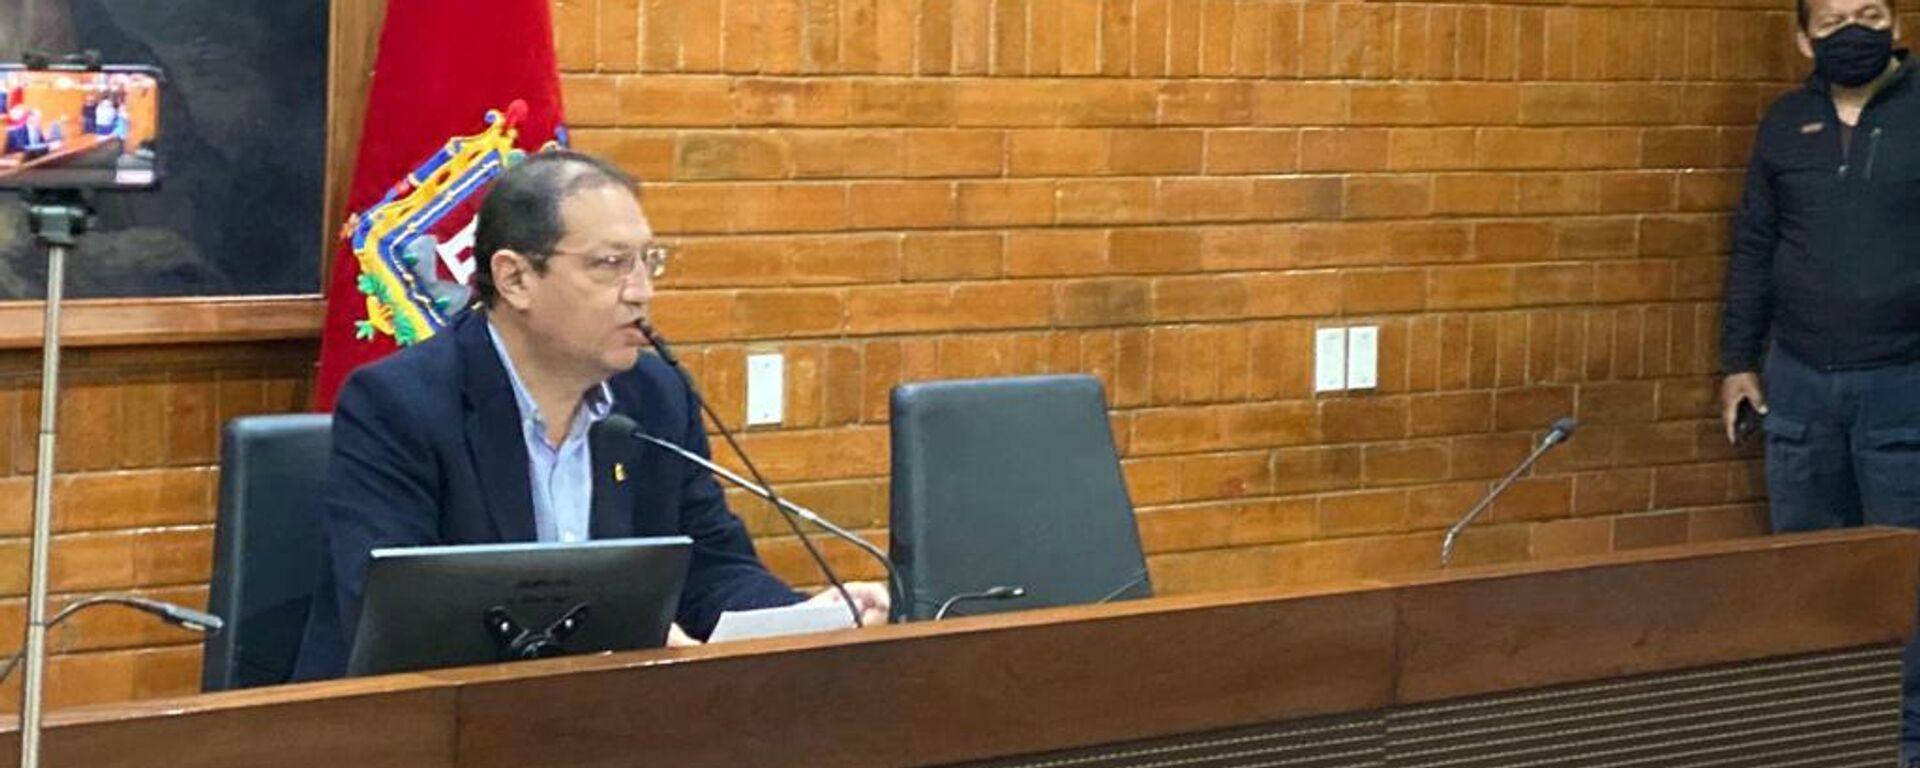 Santiago Guarderas, alcalde de Quito - Sputnik Mundo, 1920, 20.07.2021